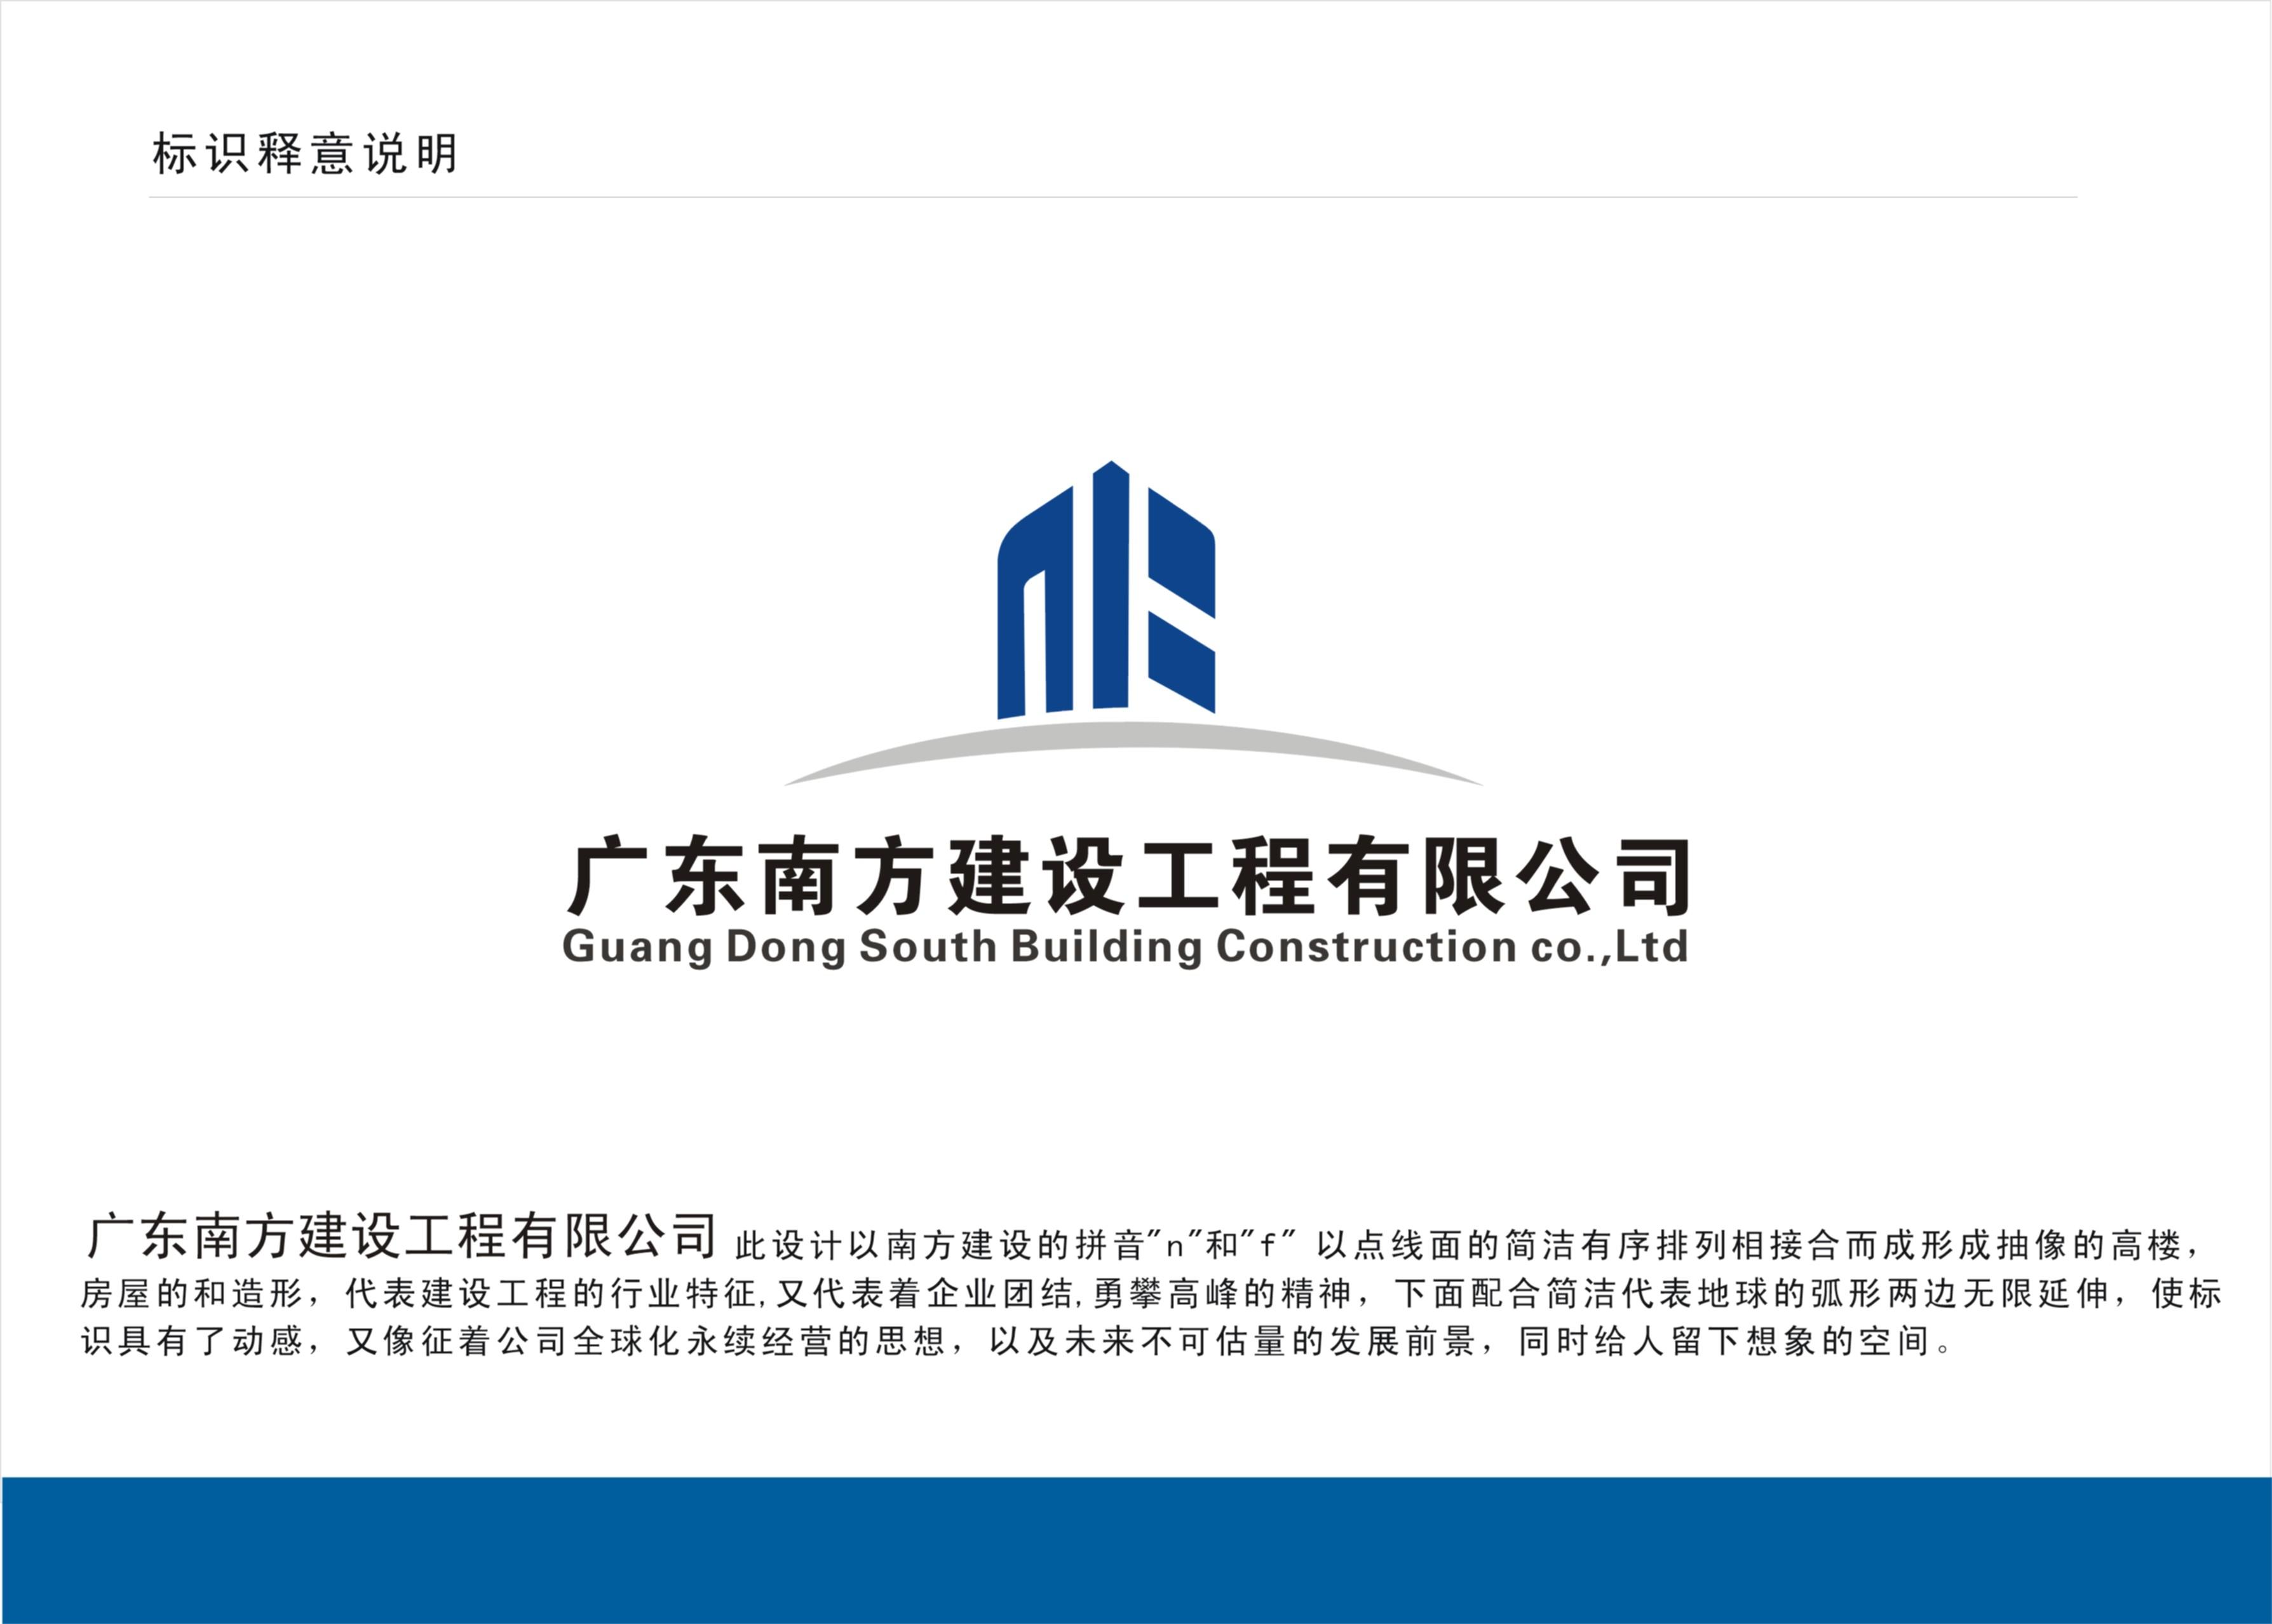 廣東南方建設集團有限公司最新招聘信息